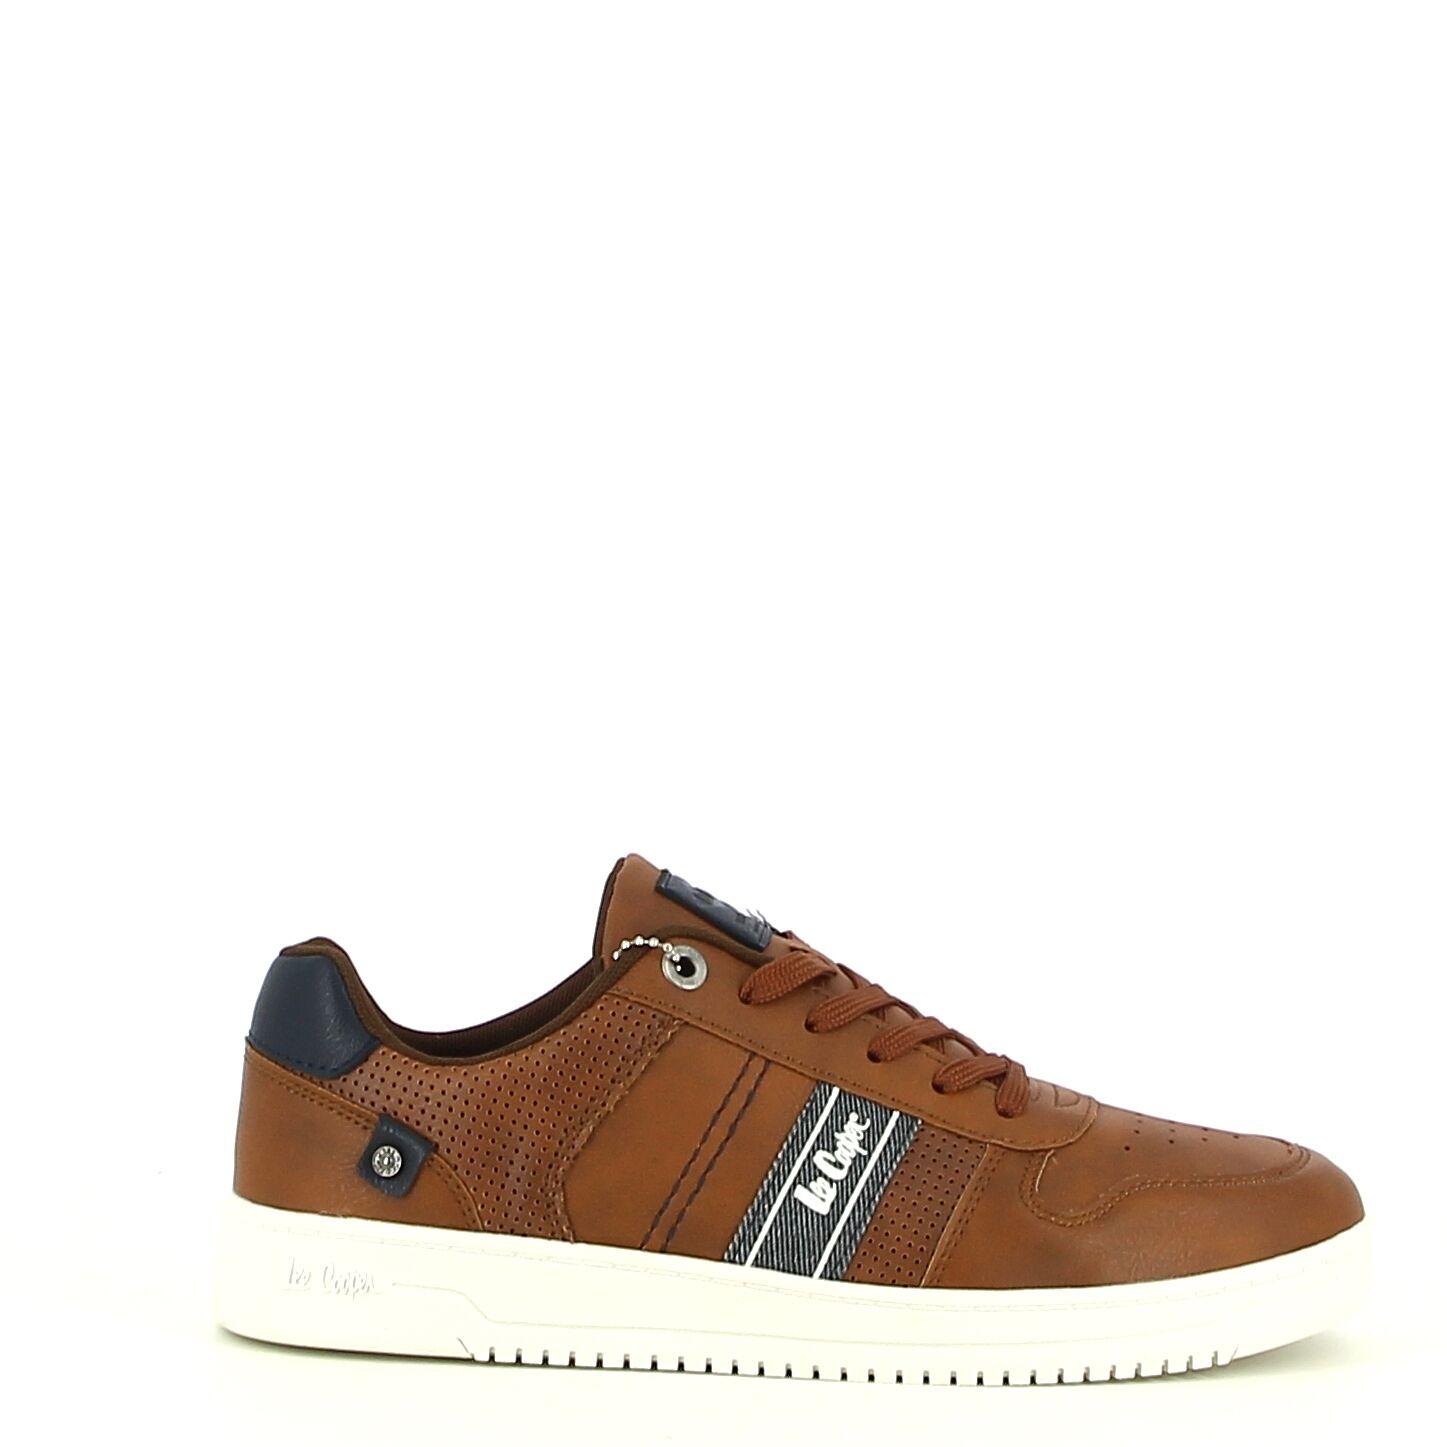 Lee cooper - Camel - Sneakers